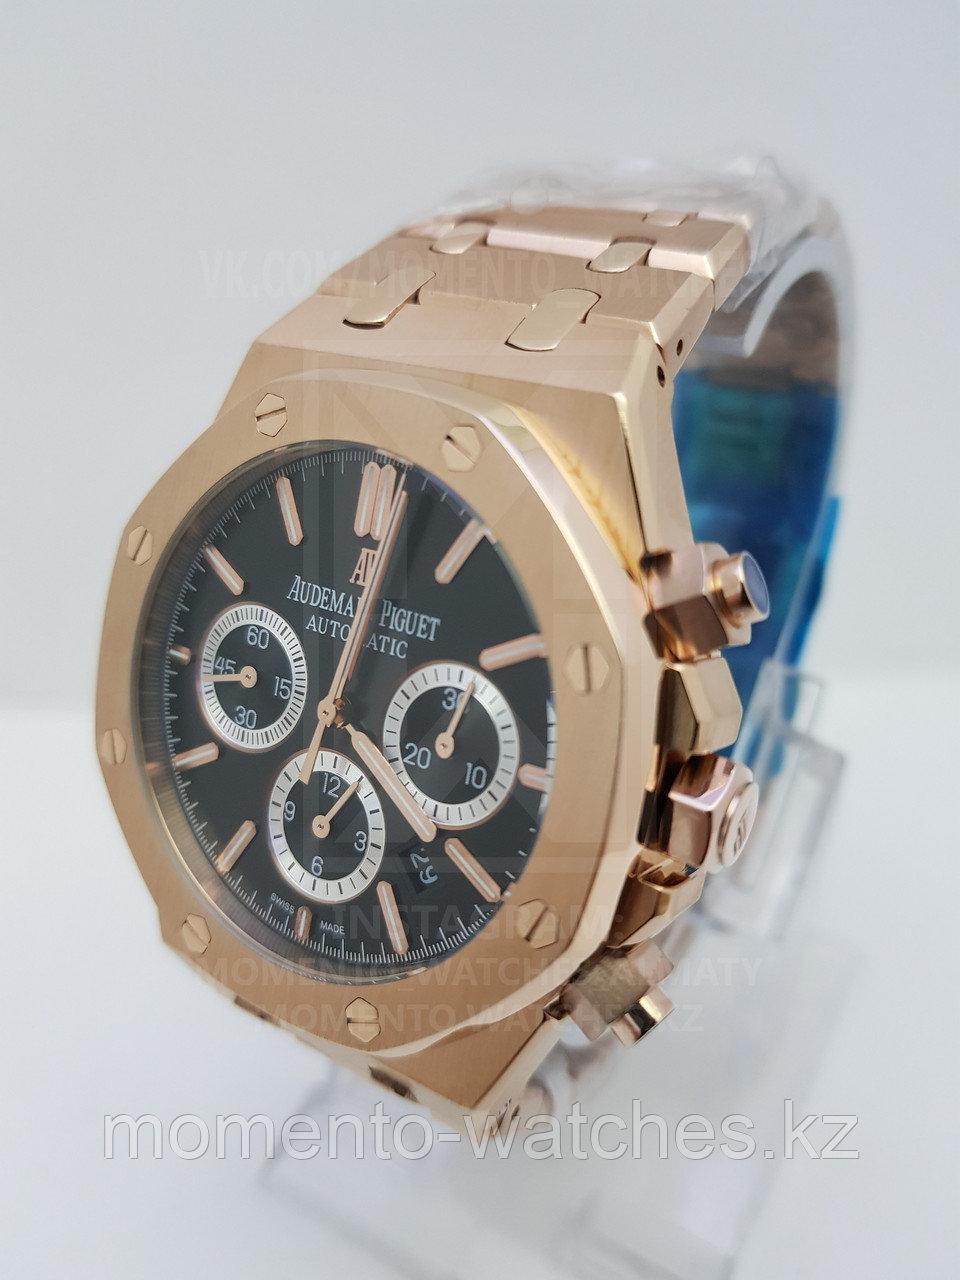 Мужские часы Audemars Piguet Royal Oak Automatic